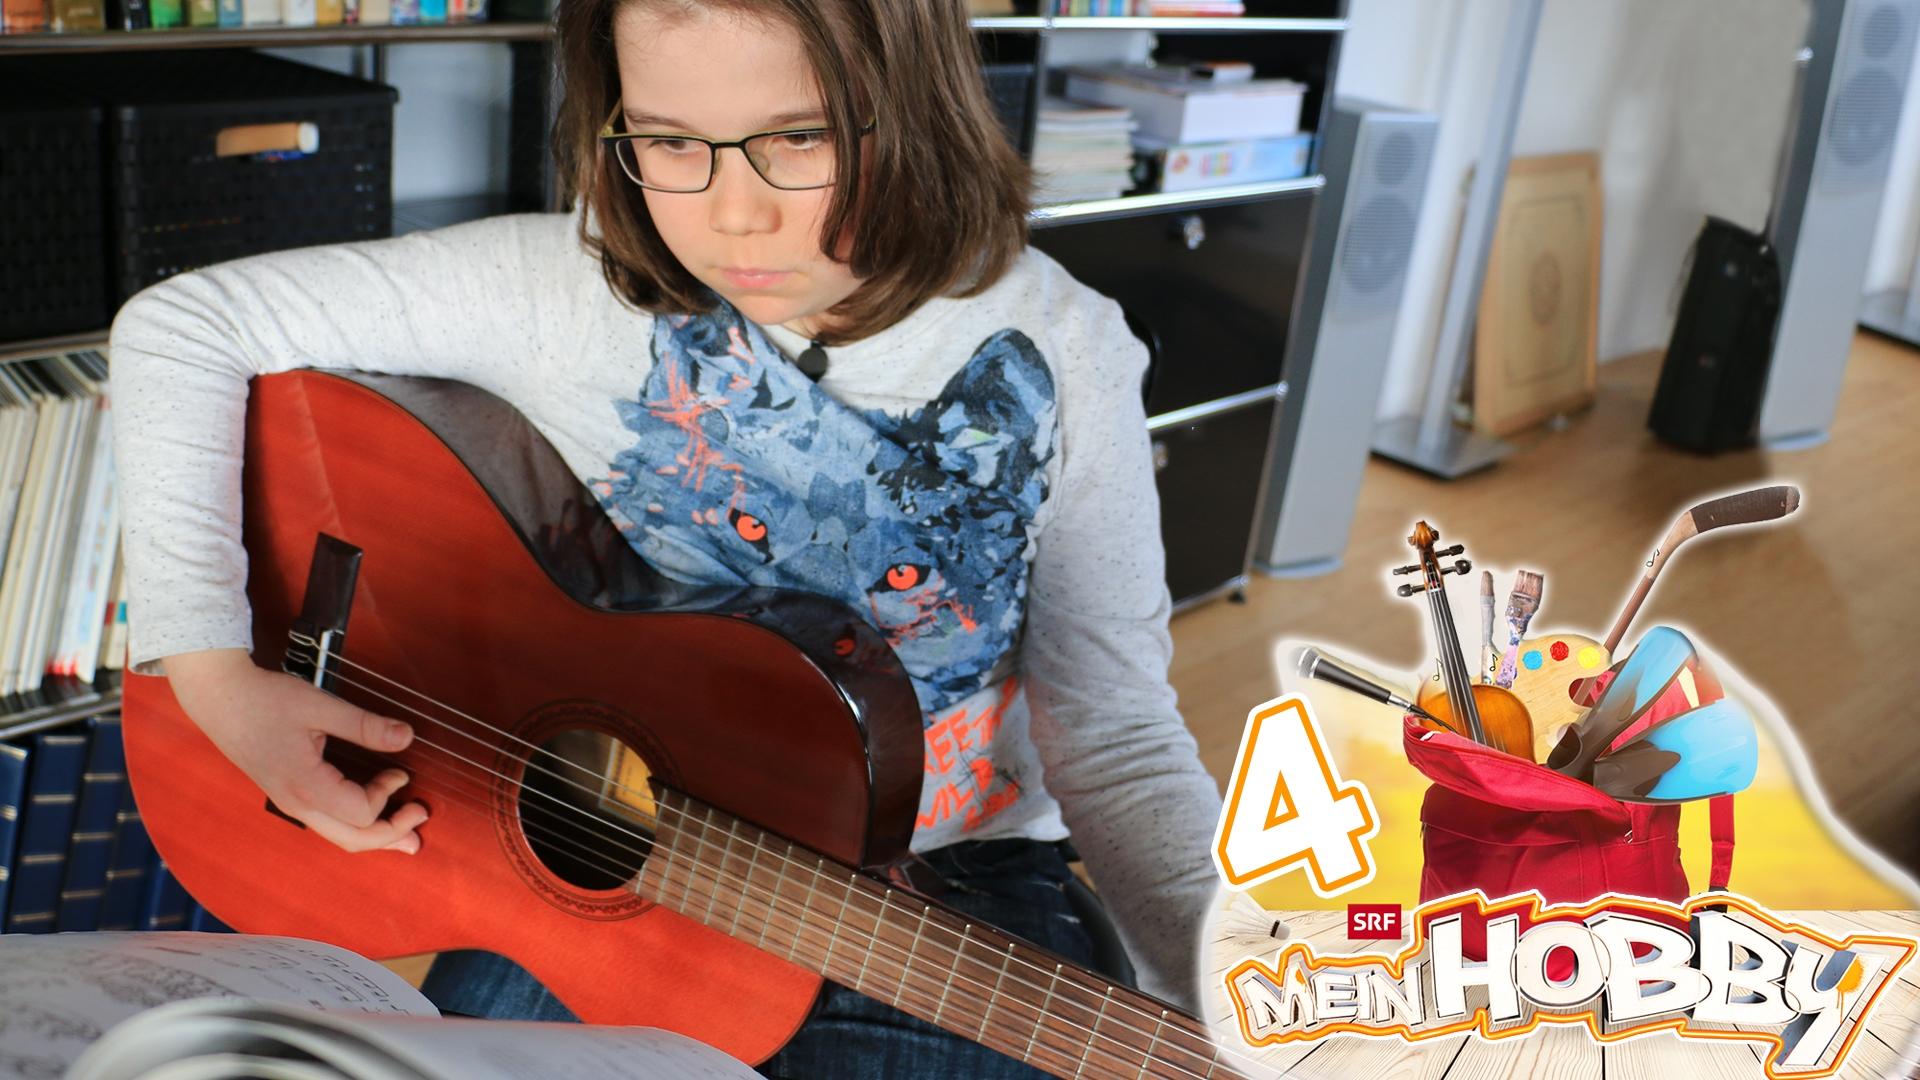 Iain und seine grosse Leidenschaft zur Gitarre